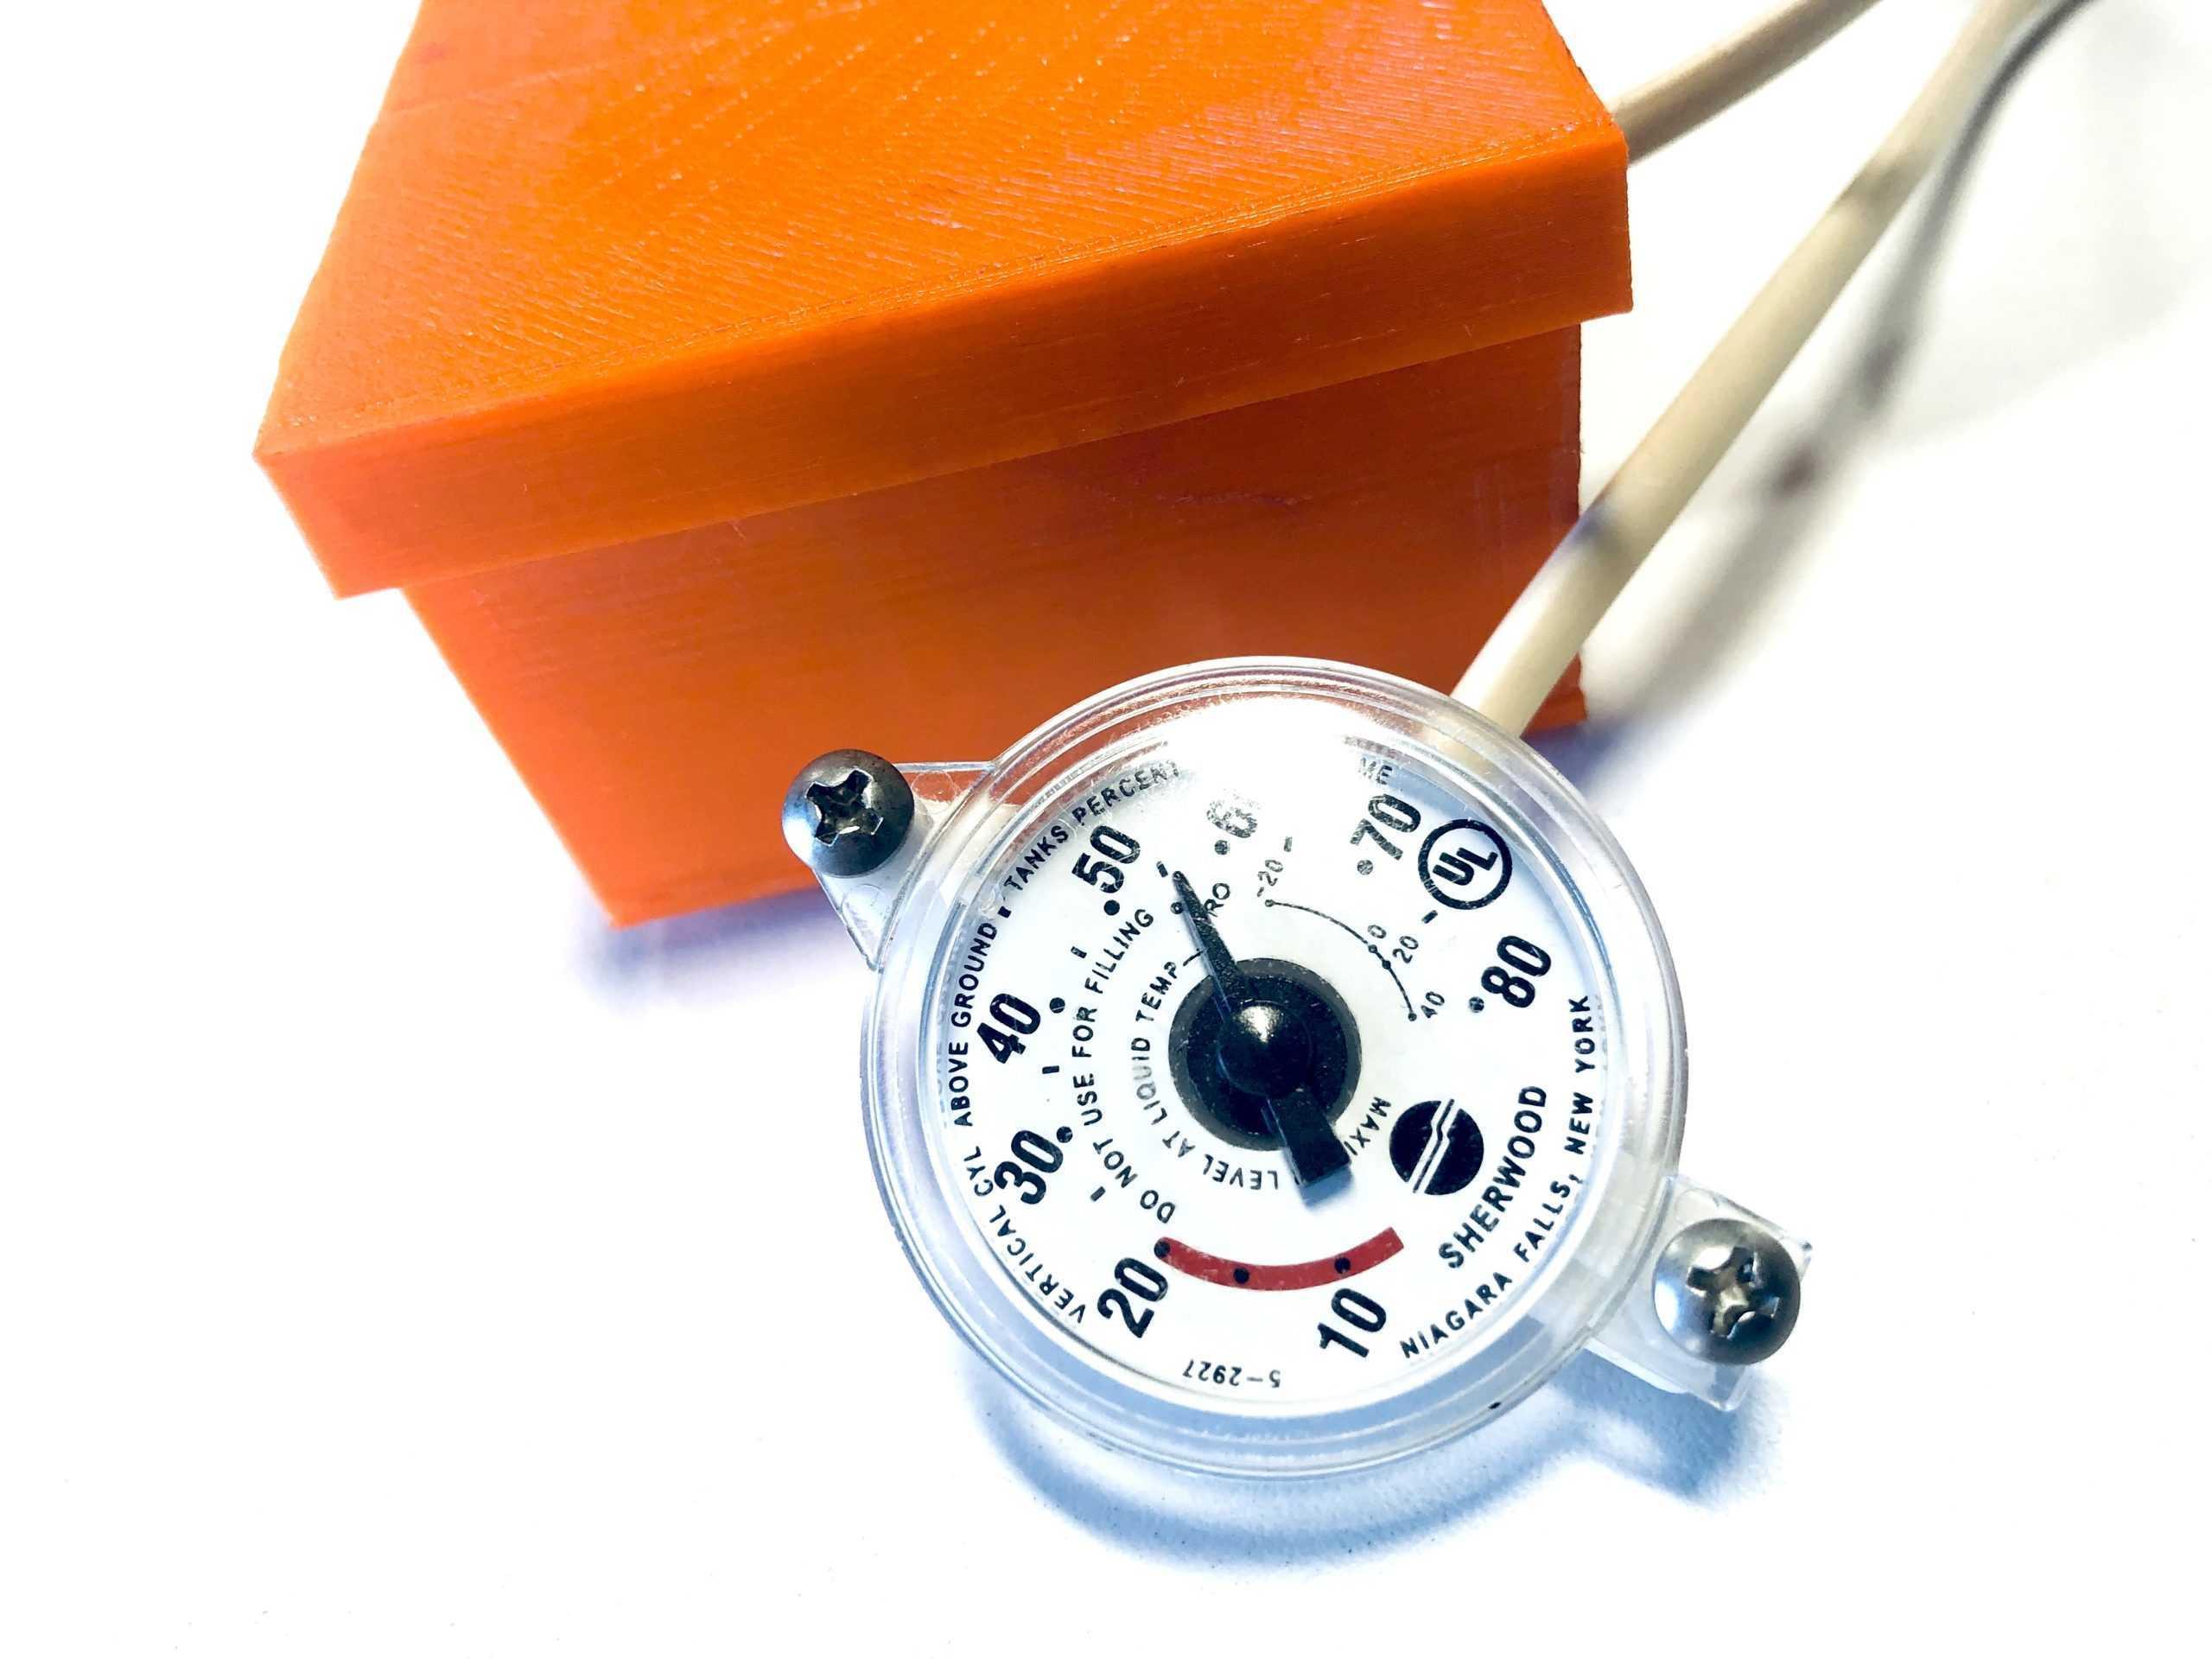 Medidor Gas LP  Medidor Gas LP da certeza del hidrocarburo que se recibe Medidor inteligente Gas LP con GasLink scaled